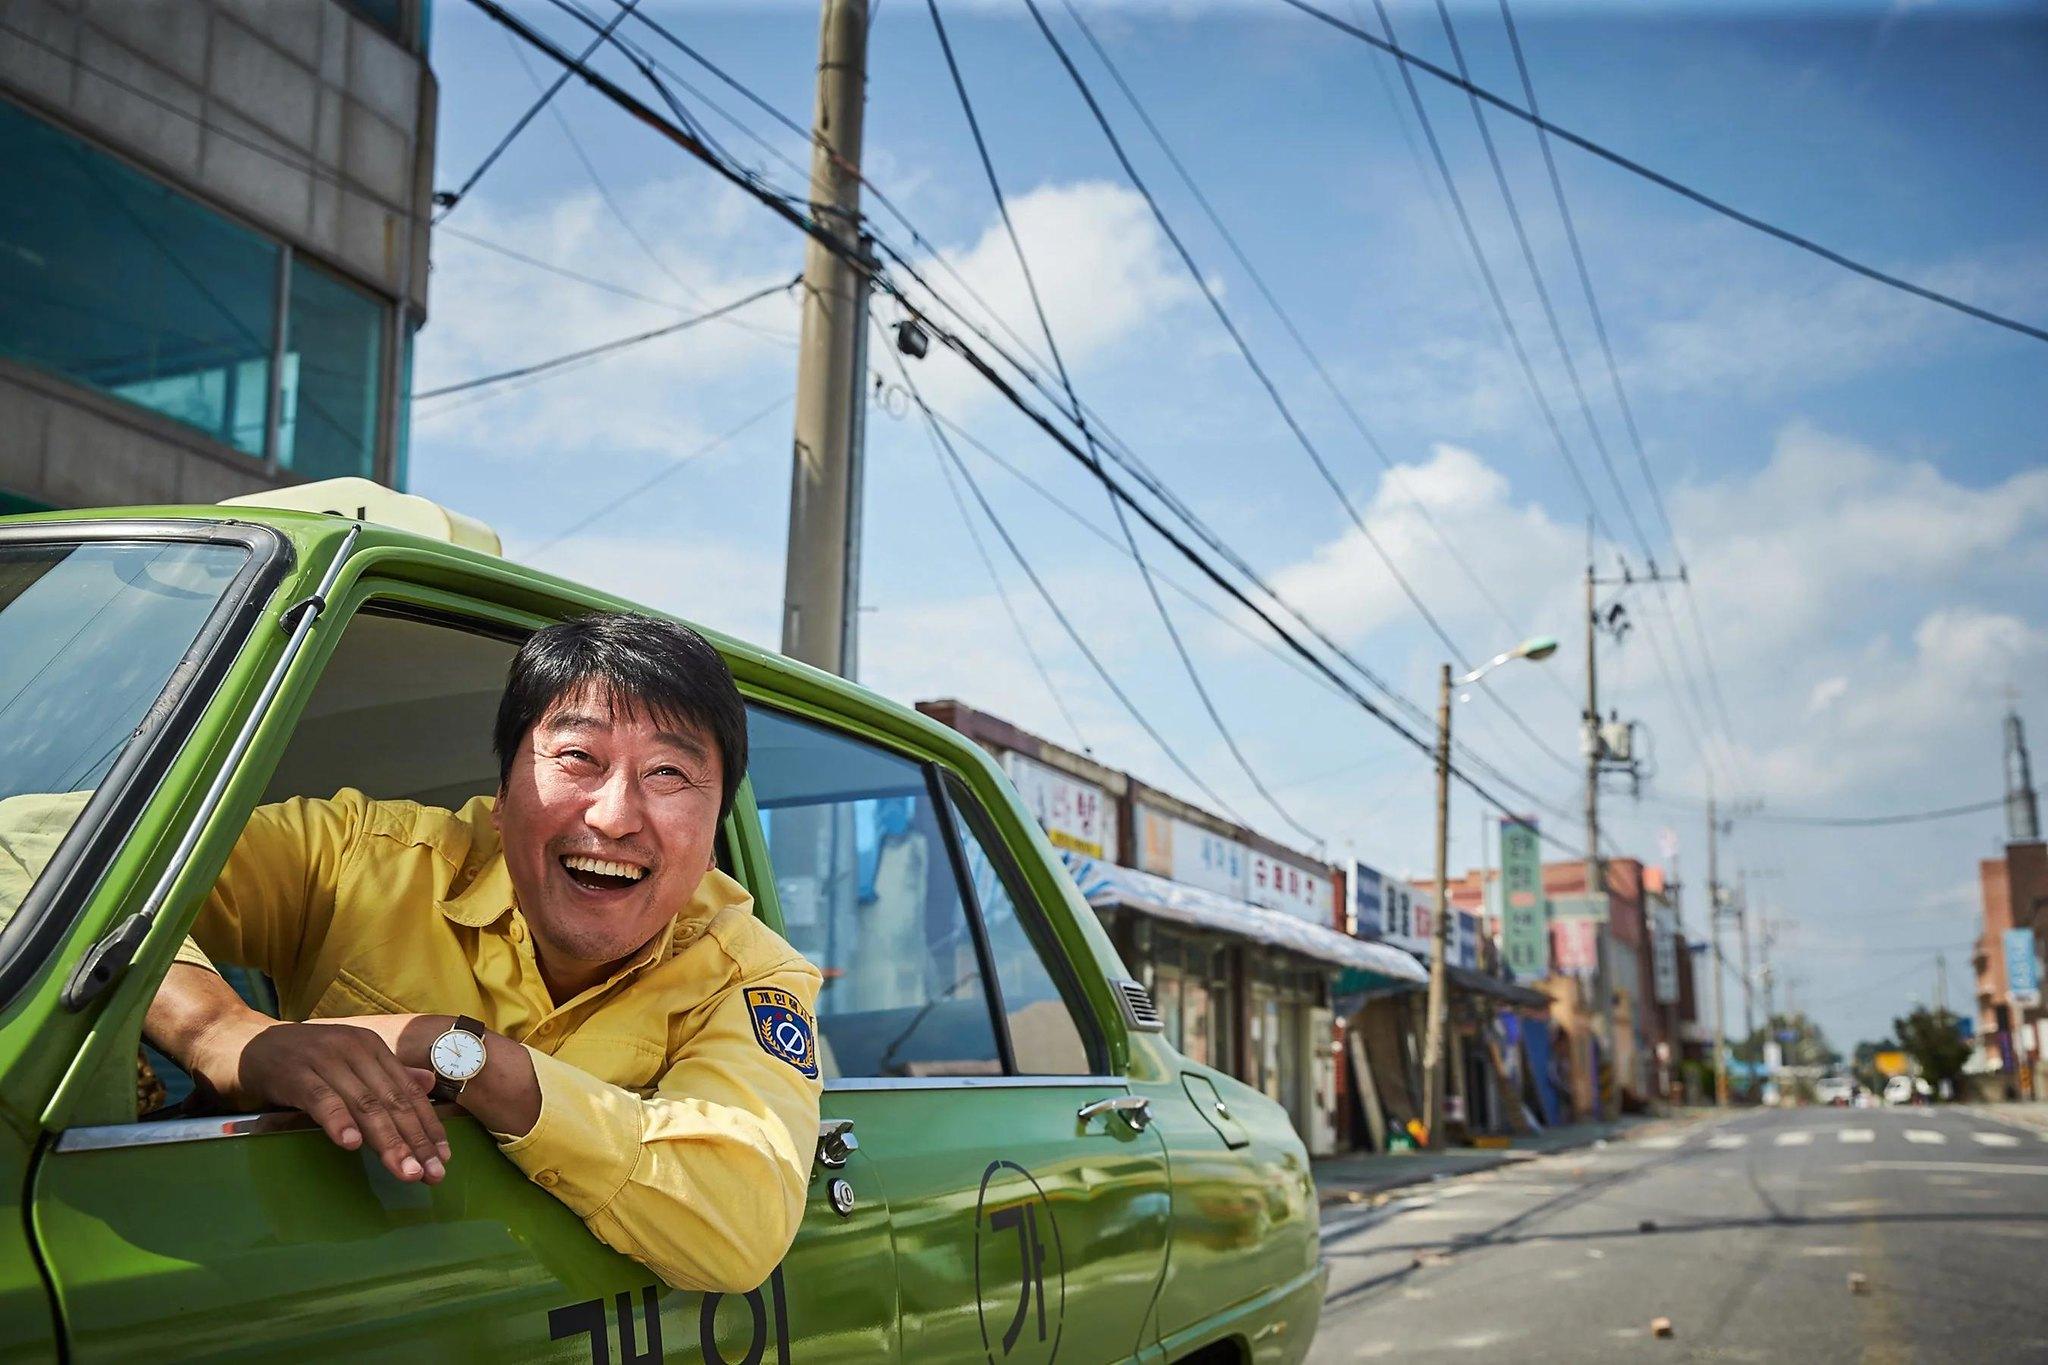 電影邀請觀眾認同計程車司機的觀點,讓觀眾彷彿也坐在那輛計程車裡頭,參與了這個民主化運動。(電影劇照)